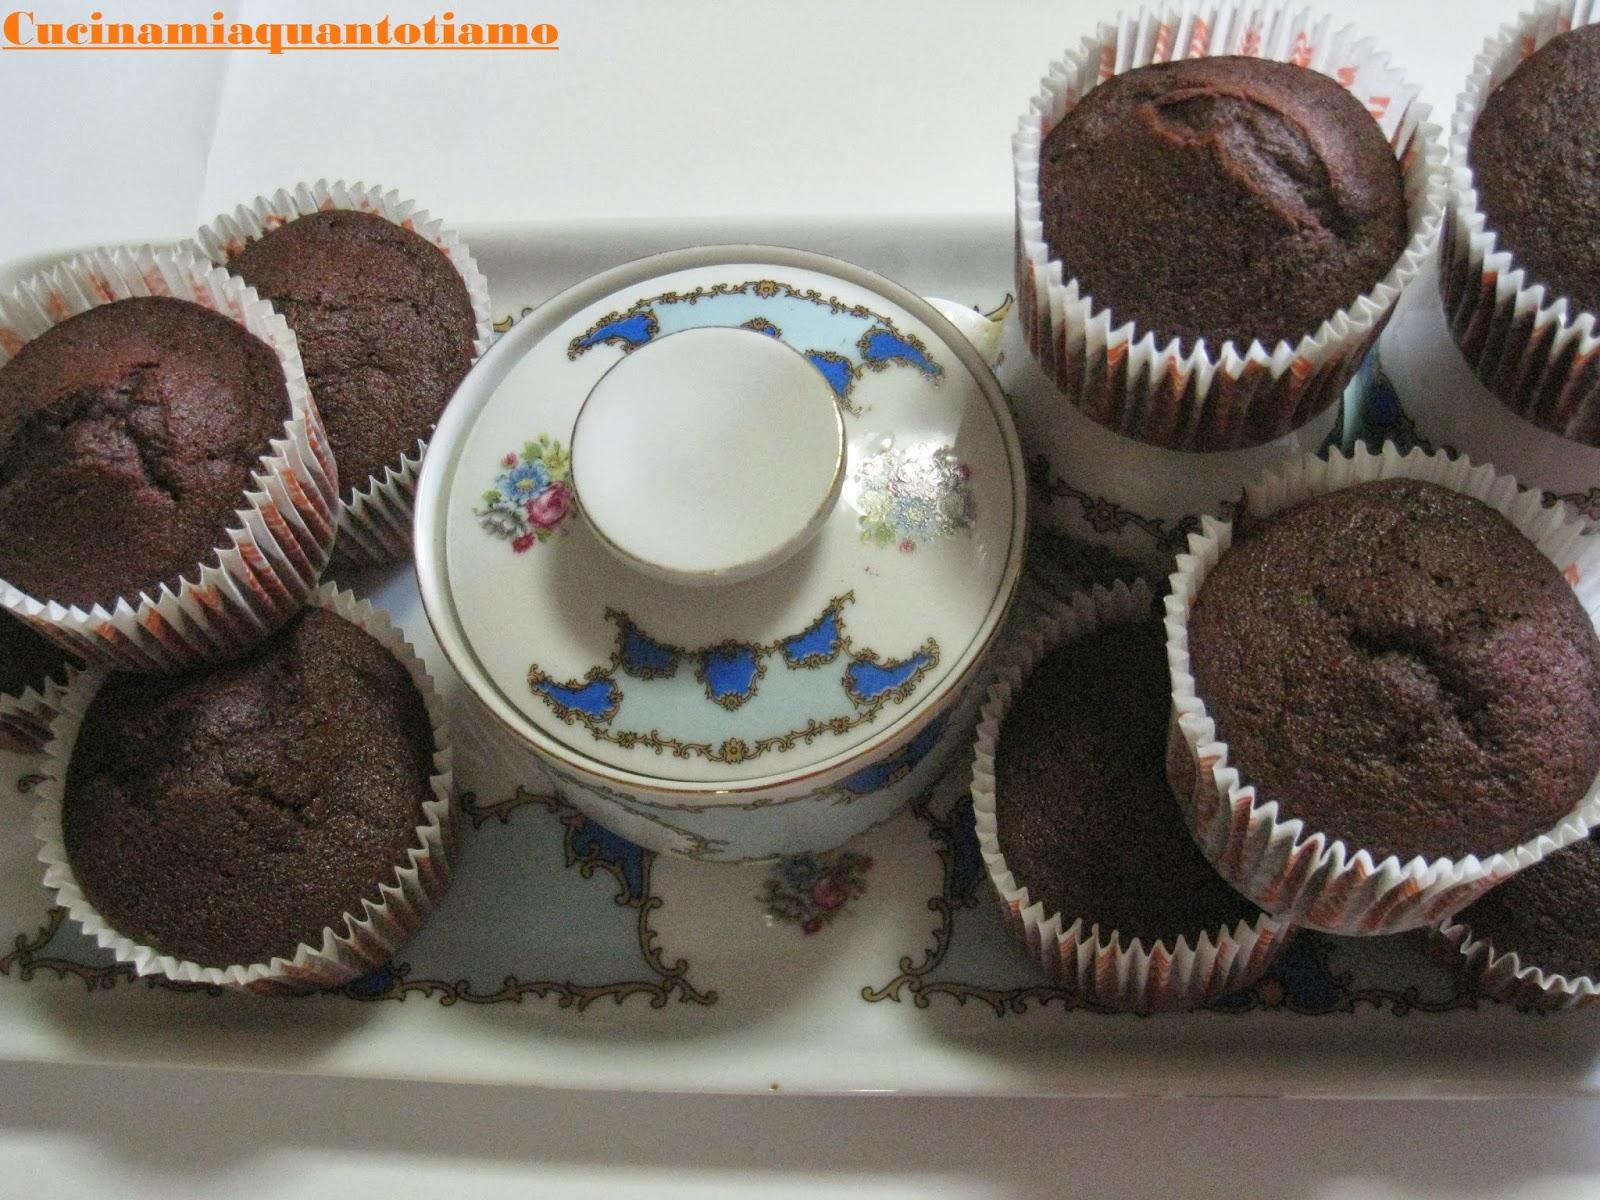 Cucina Mia Quanto Ti Amo: Muffin Senza Glutine E Senza Lattosio  #C45A07 1600 1200 Cucina Mediterranea Senza Glutine